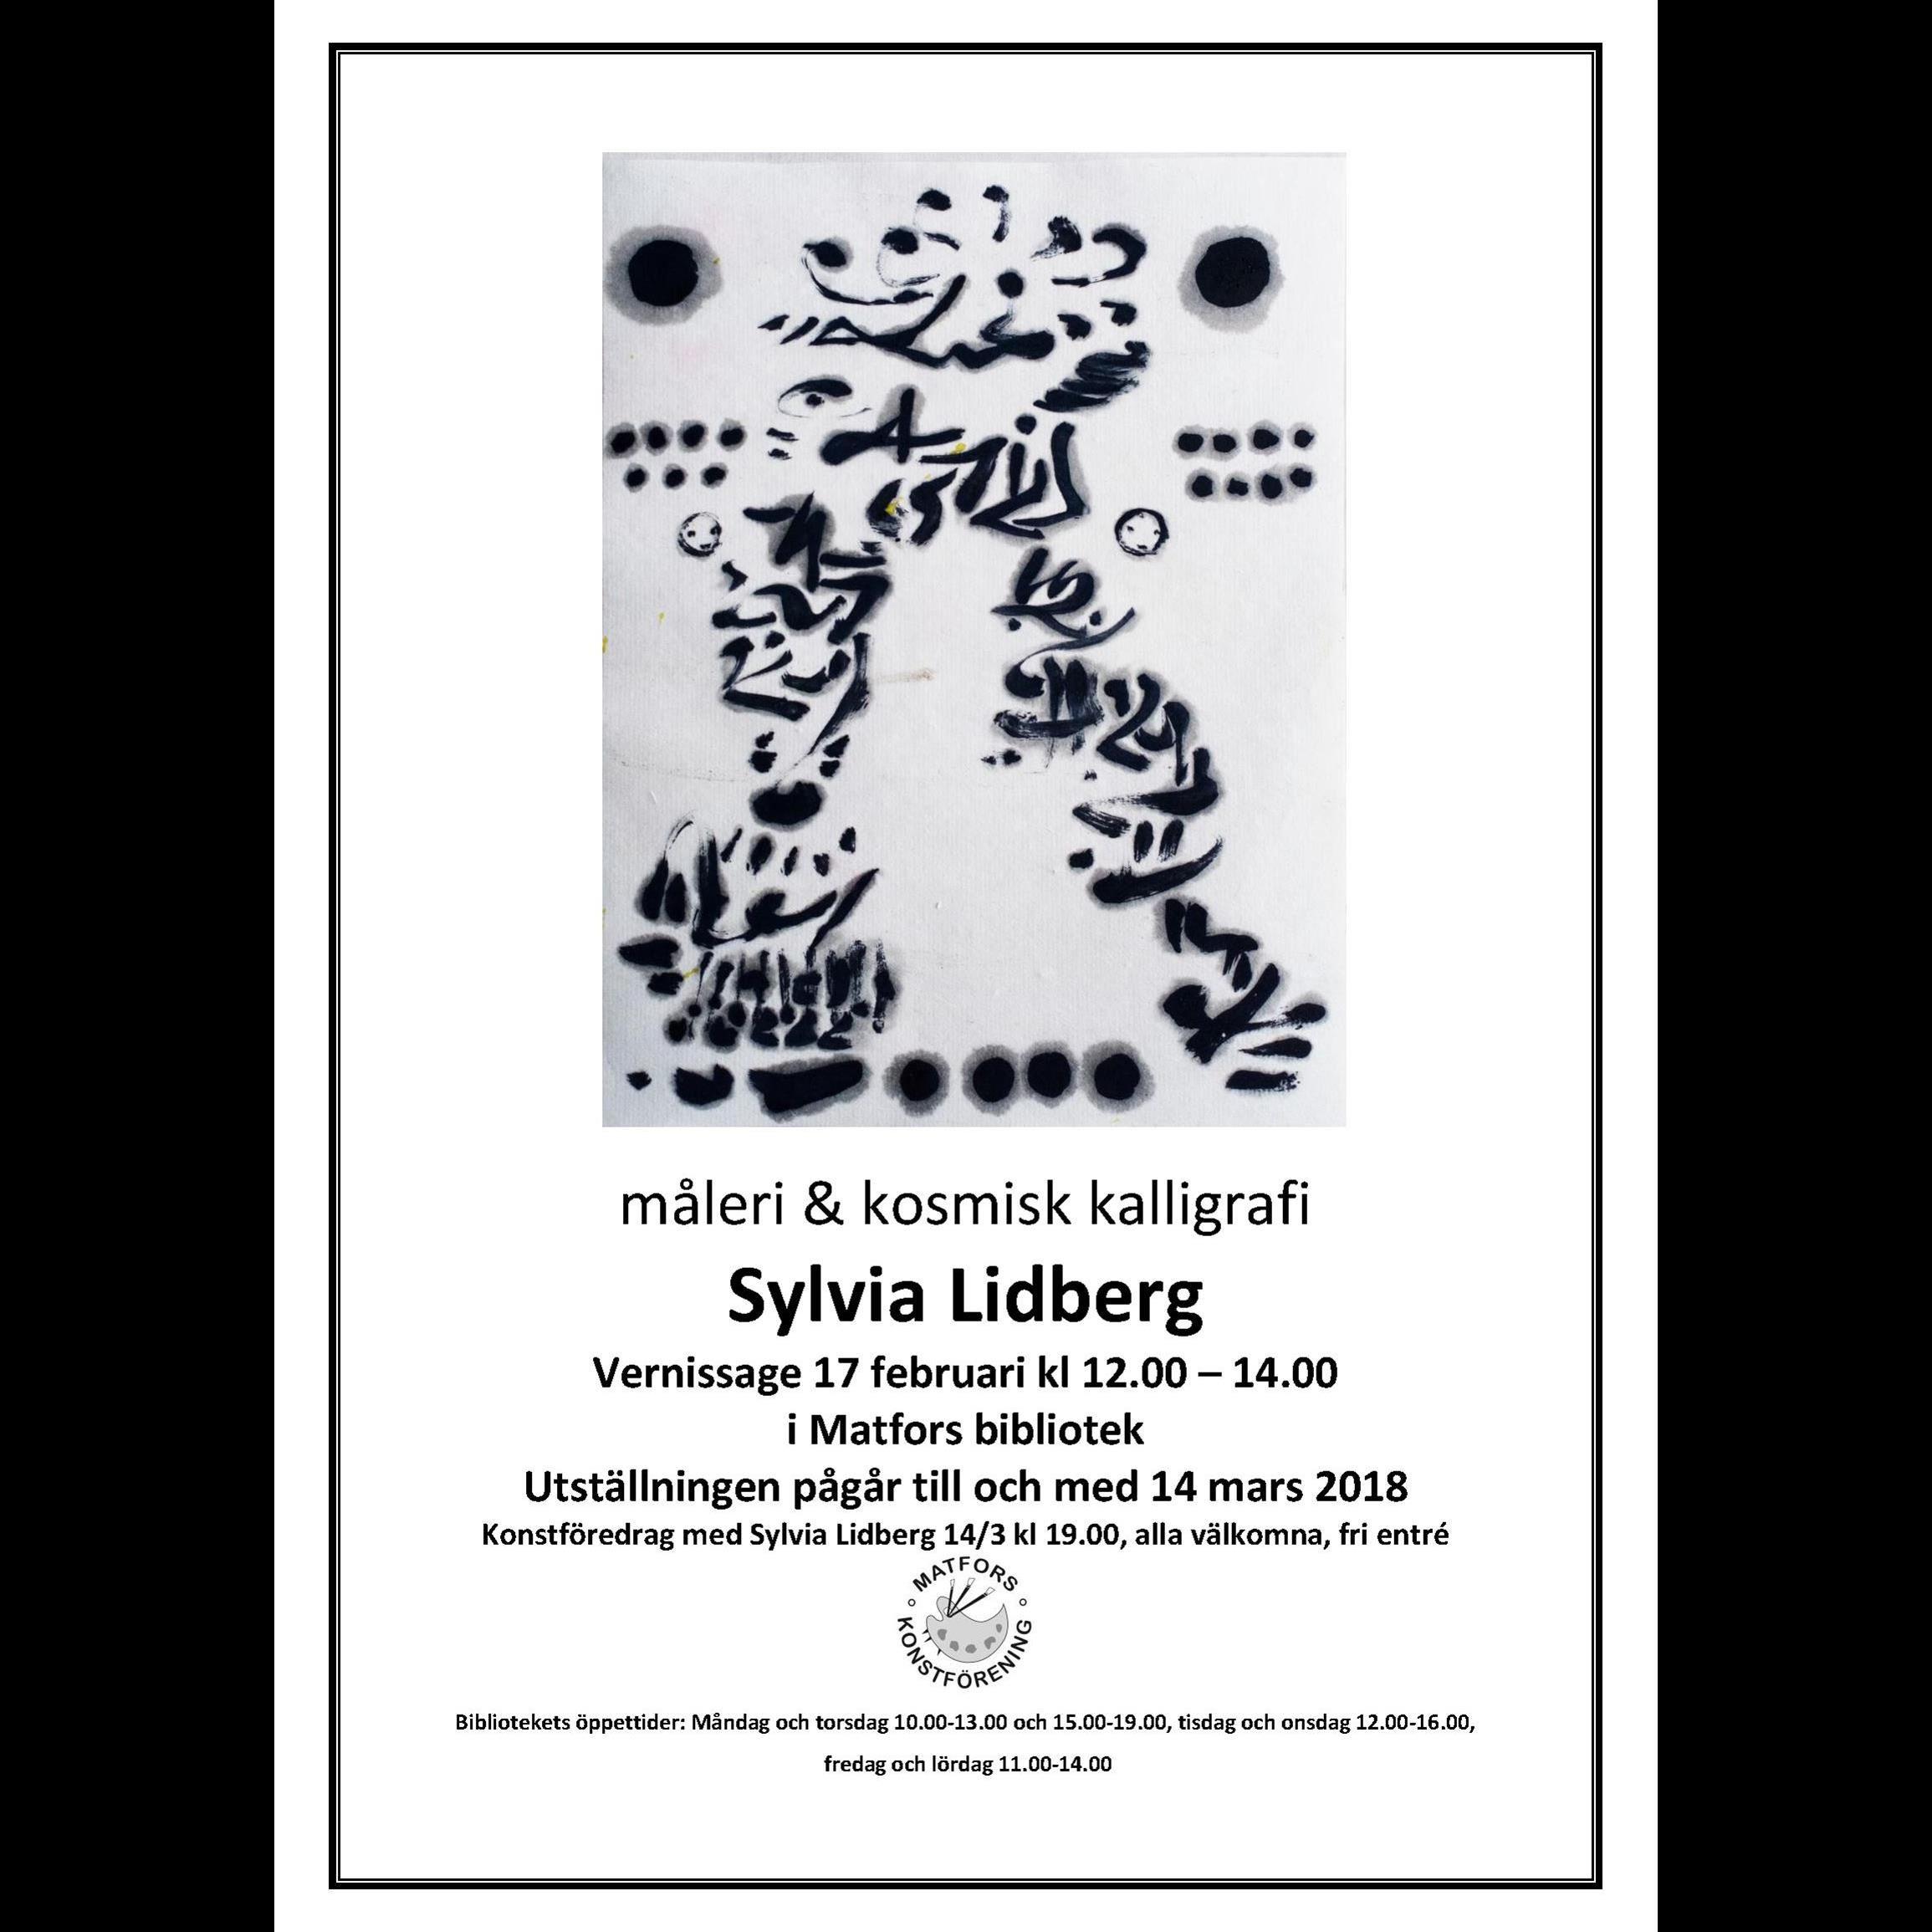 Vernissage och utställning - Sylvia Lidberg